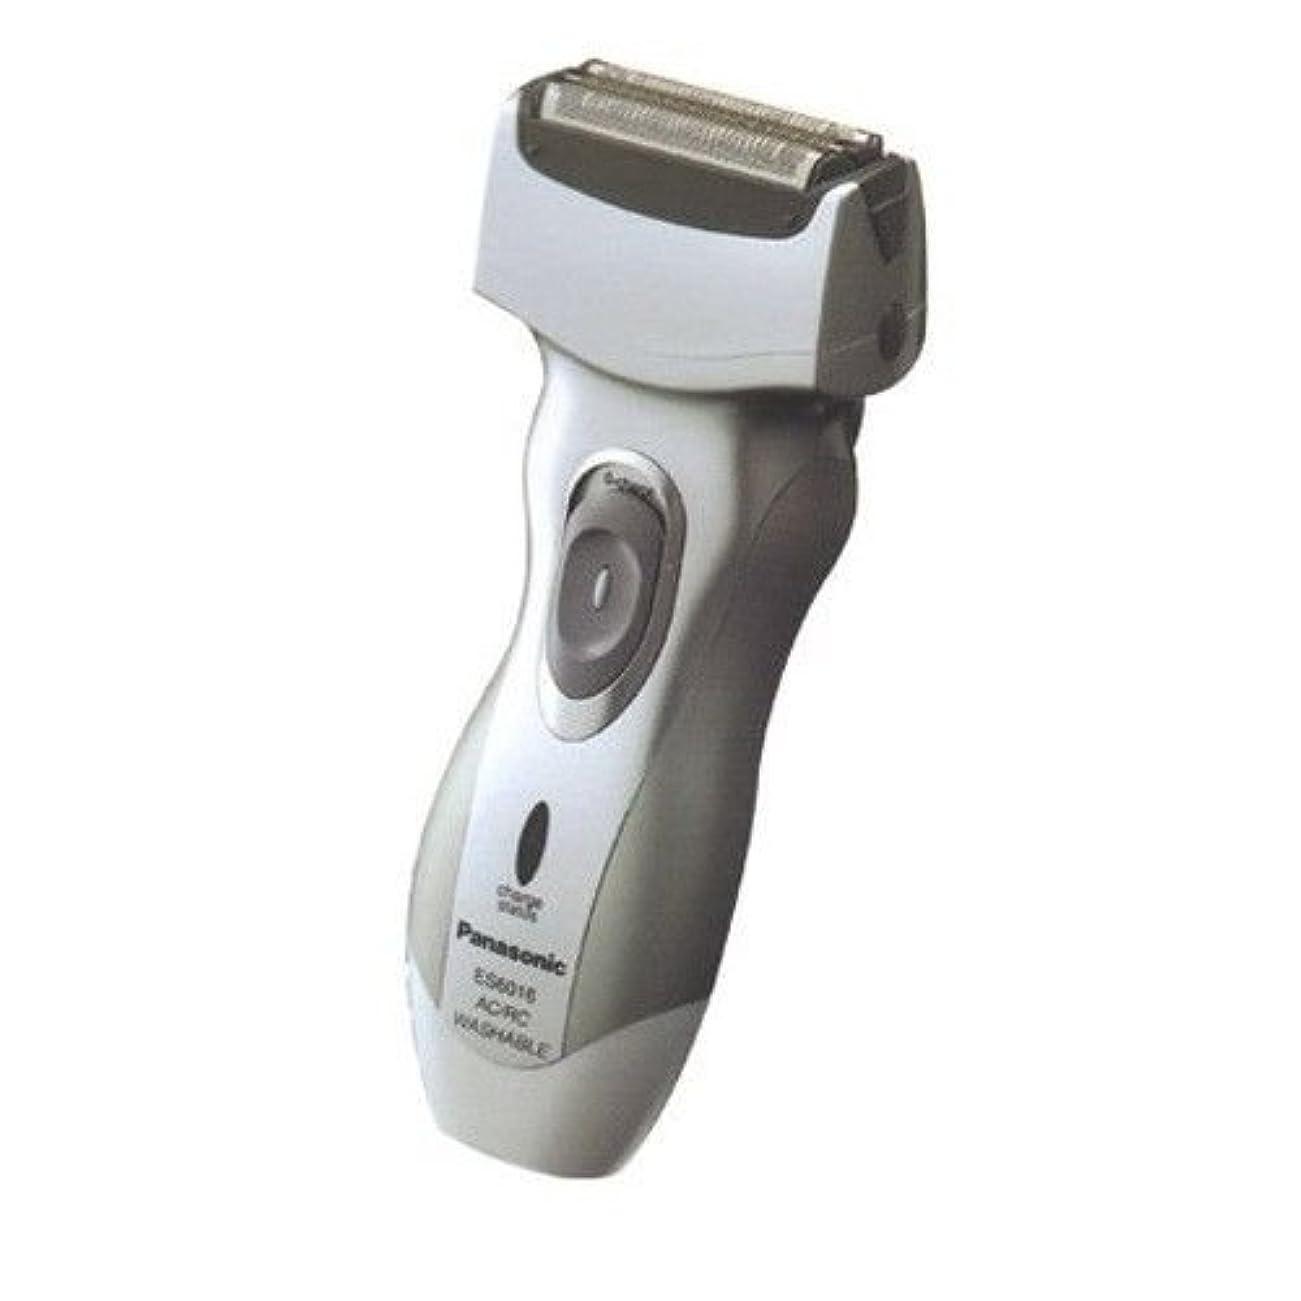 アライアンス情熱的専門用語Panasonic ES6016 電気シェーバーかみそり男性トリマークリッパー ES-6016 と [並行輸入品]